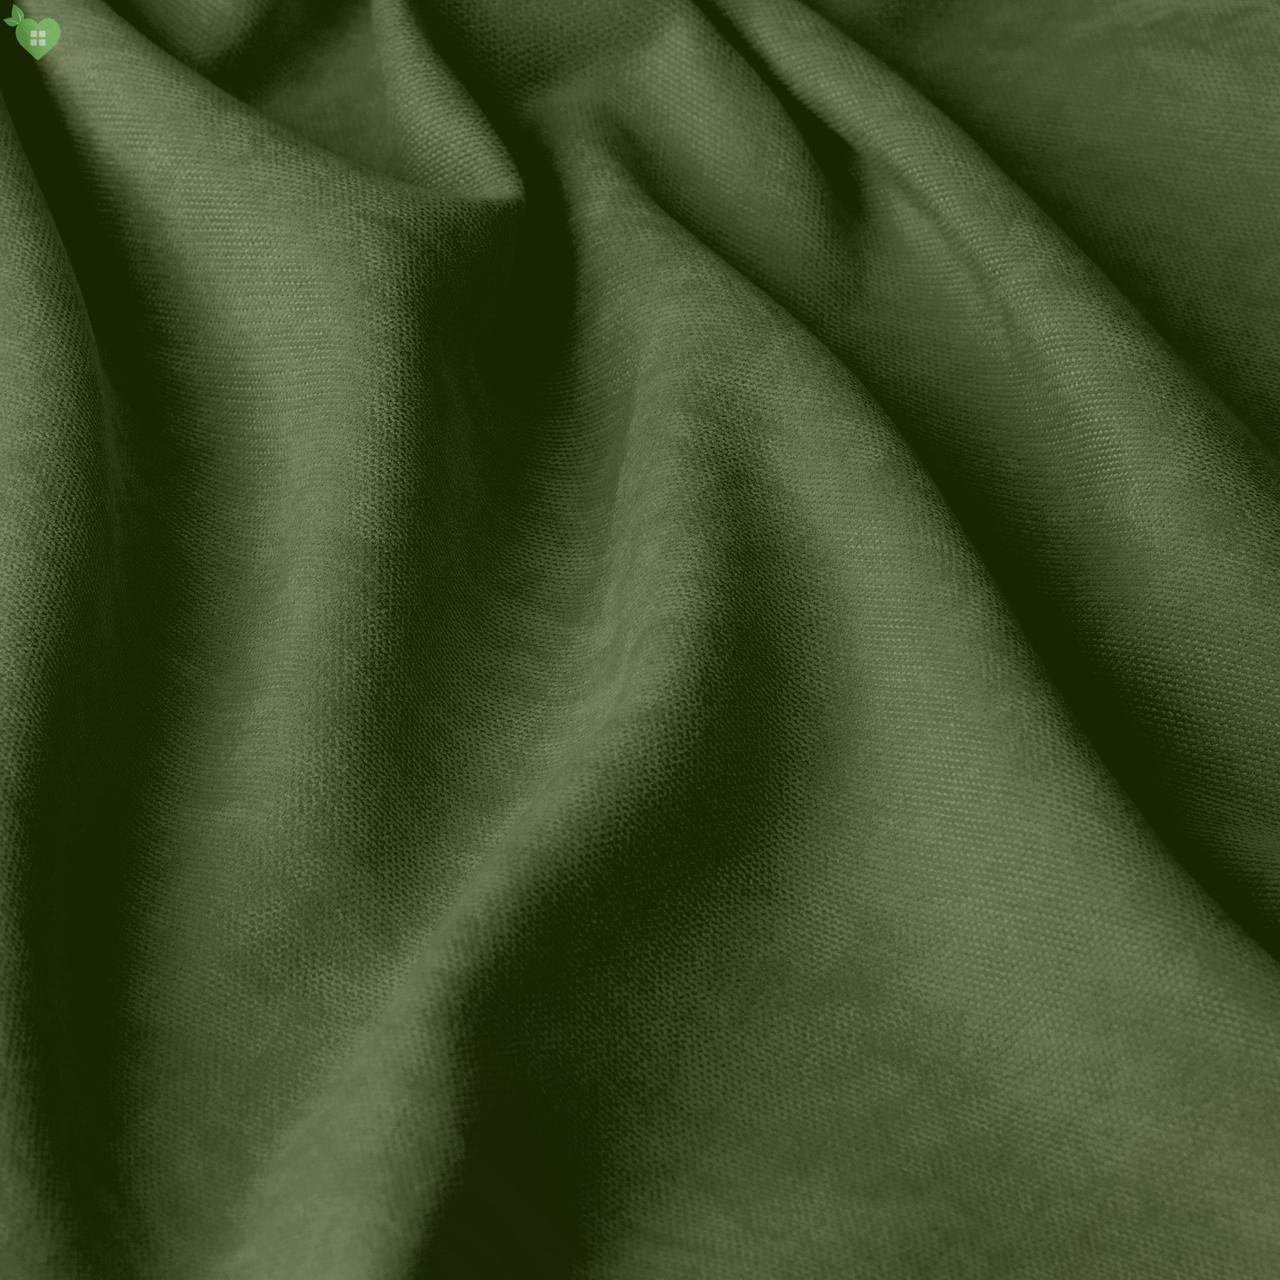 Однотонная декоративная ткань велюр зеленый Турция 84370v24